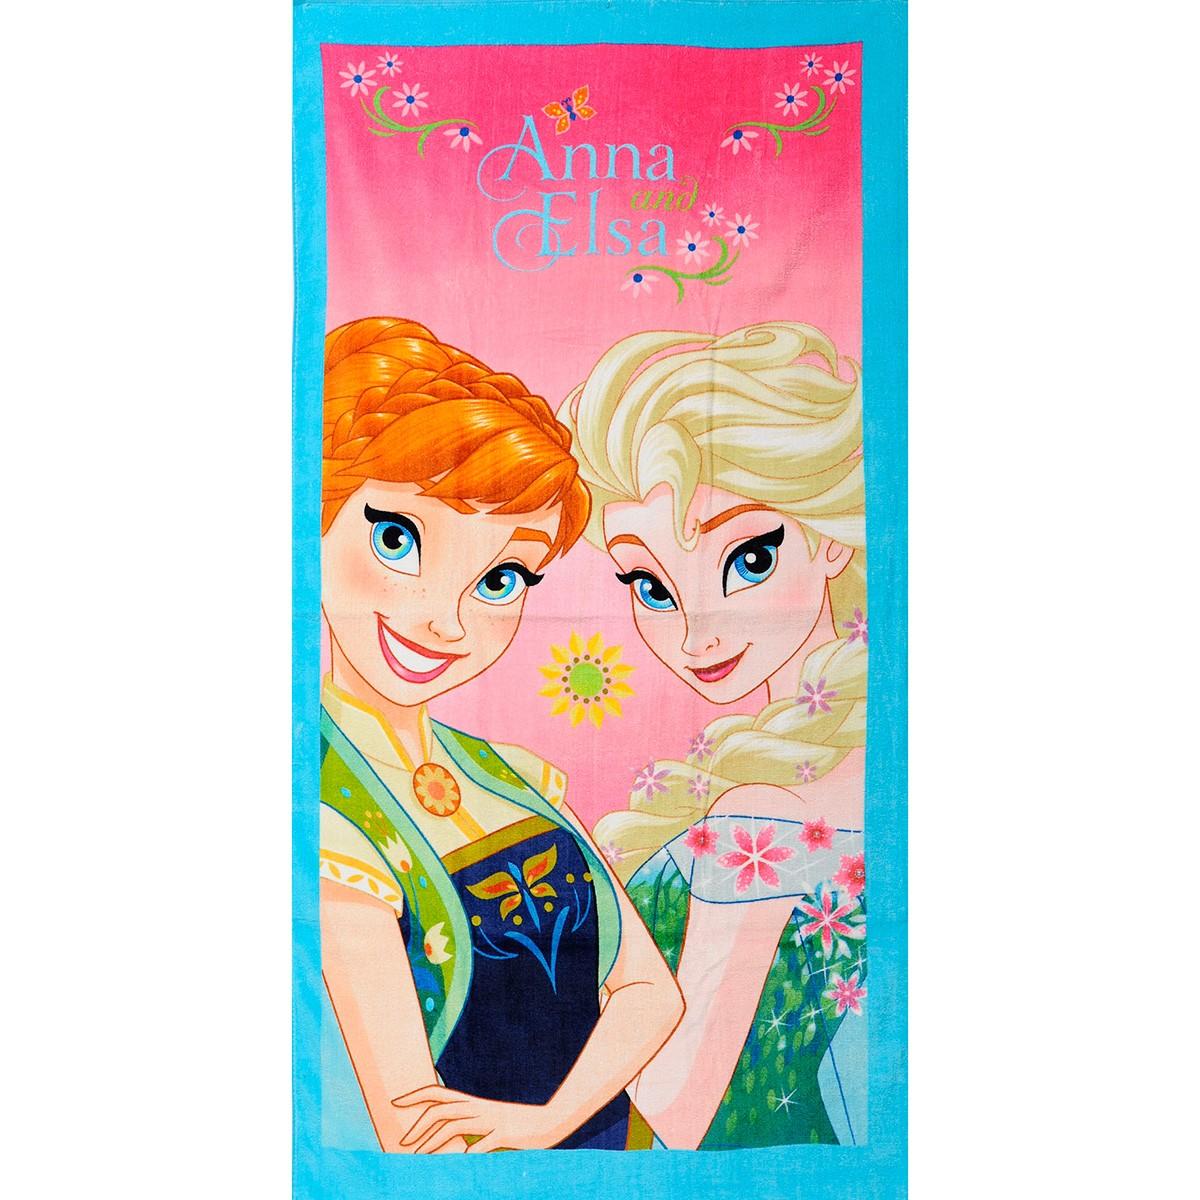 Πετσέτα Θαλάσσης Παιδική Frozen 01 Dim Collection 70x140εκ. - No Color - frozen-01-8/6/226/95